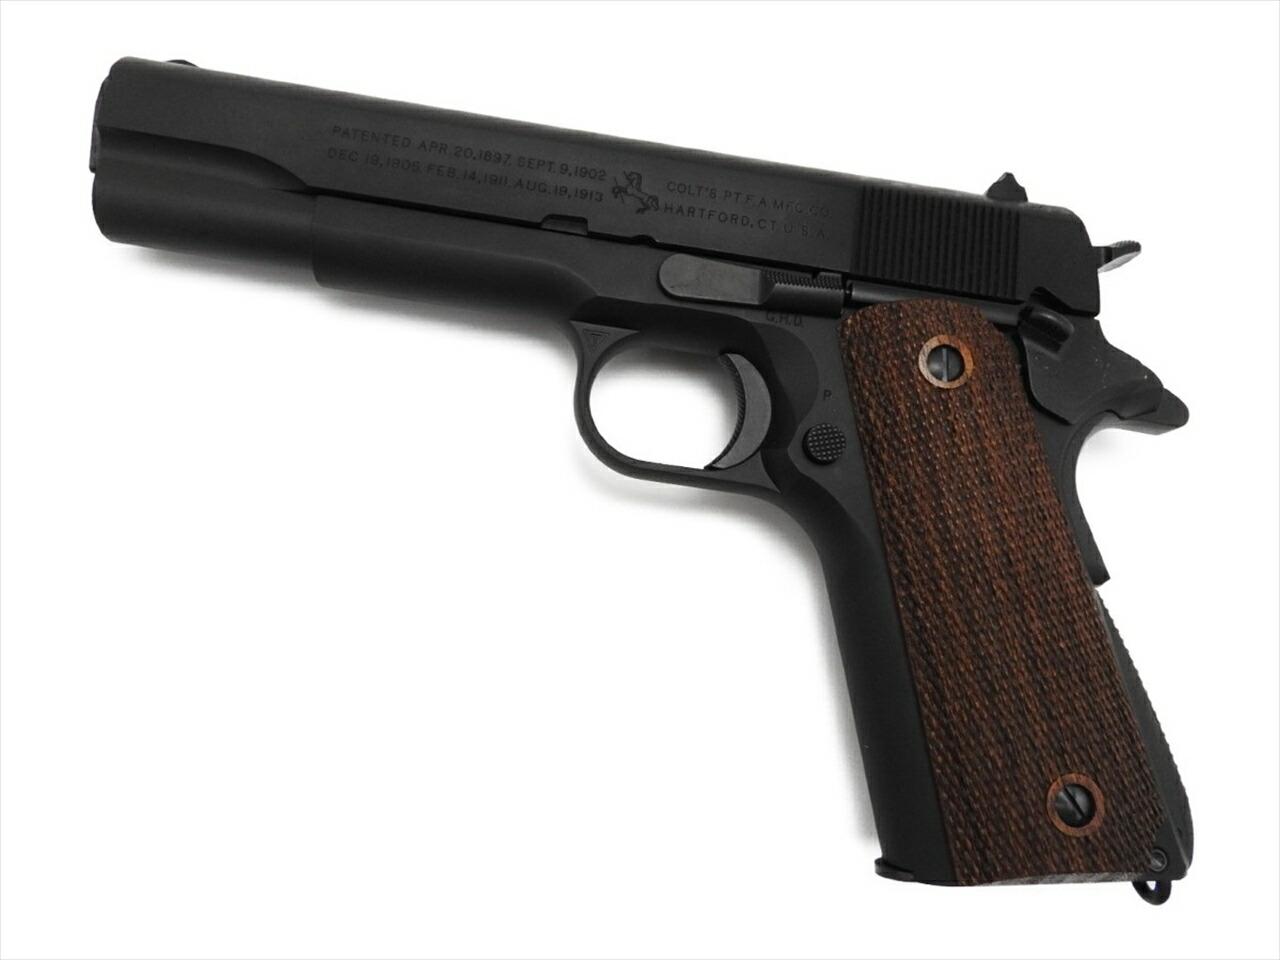 発火式モデルガン タニオコバ GM7.5 M1911A1 ガバメント ブラック ブローバック 木製グリップ付 新品